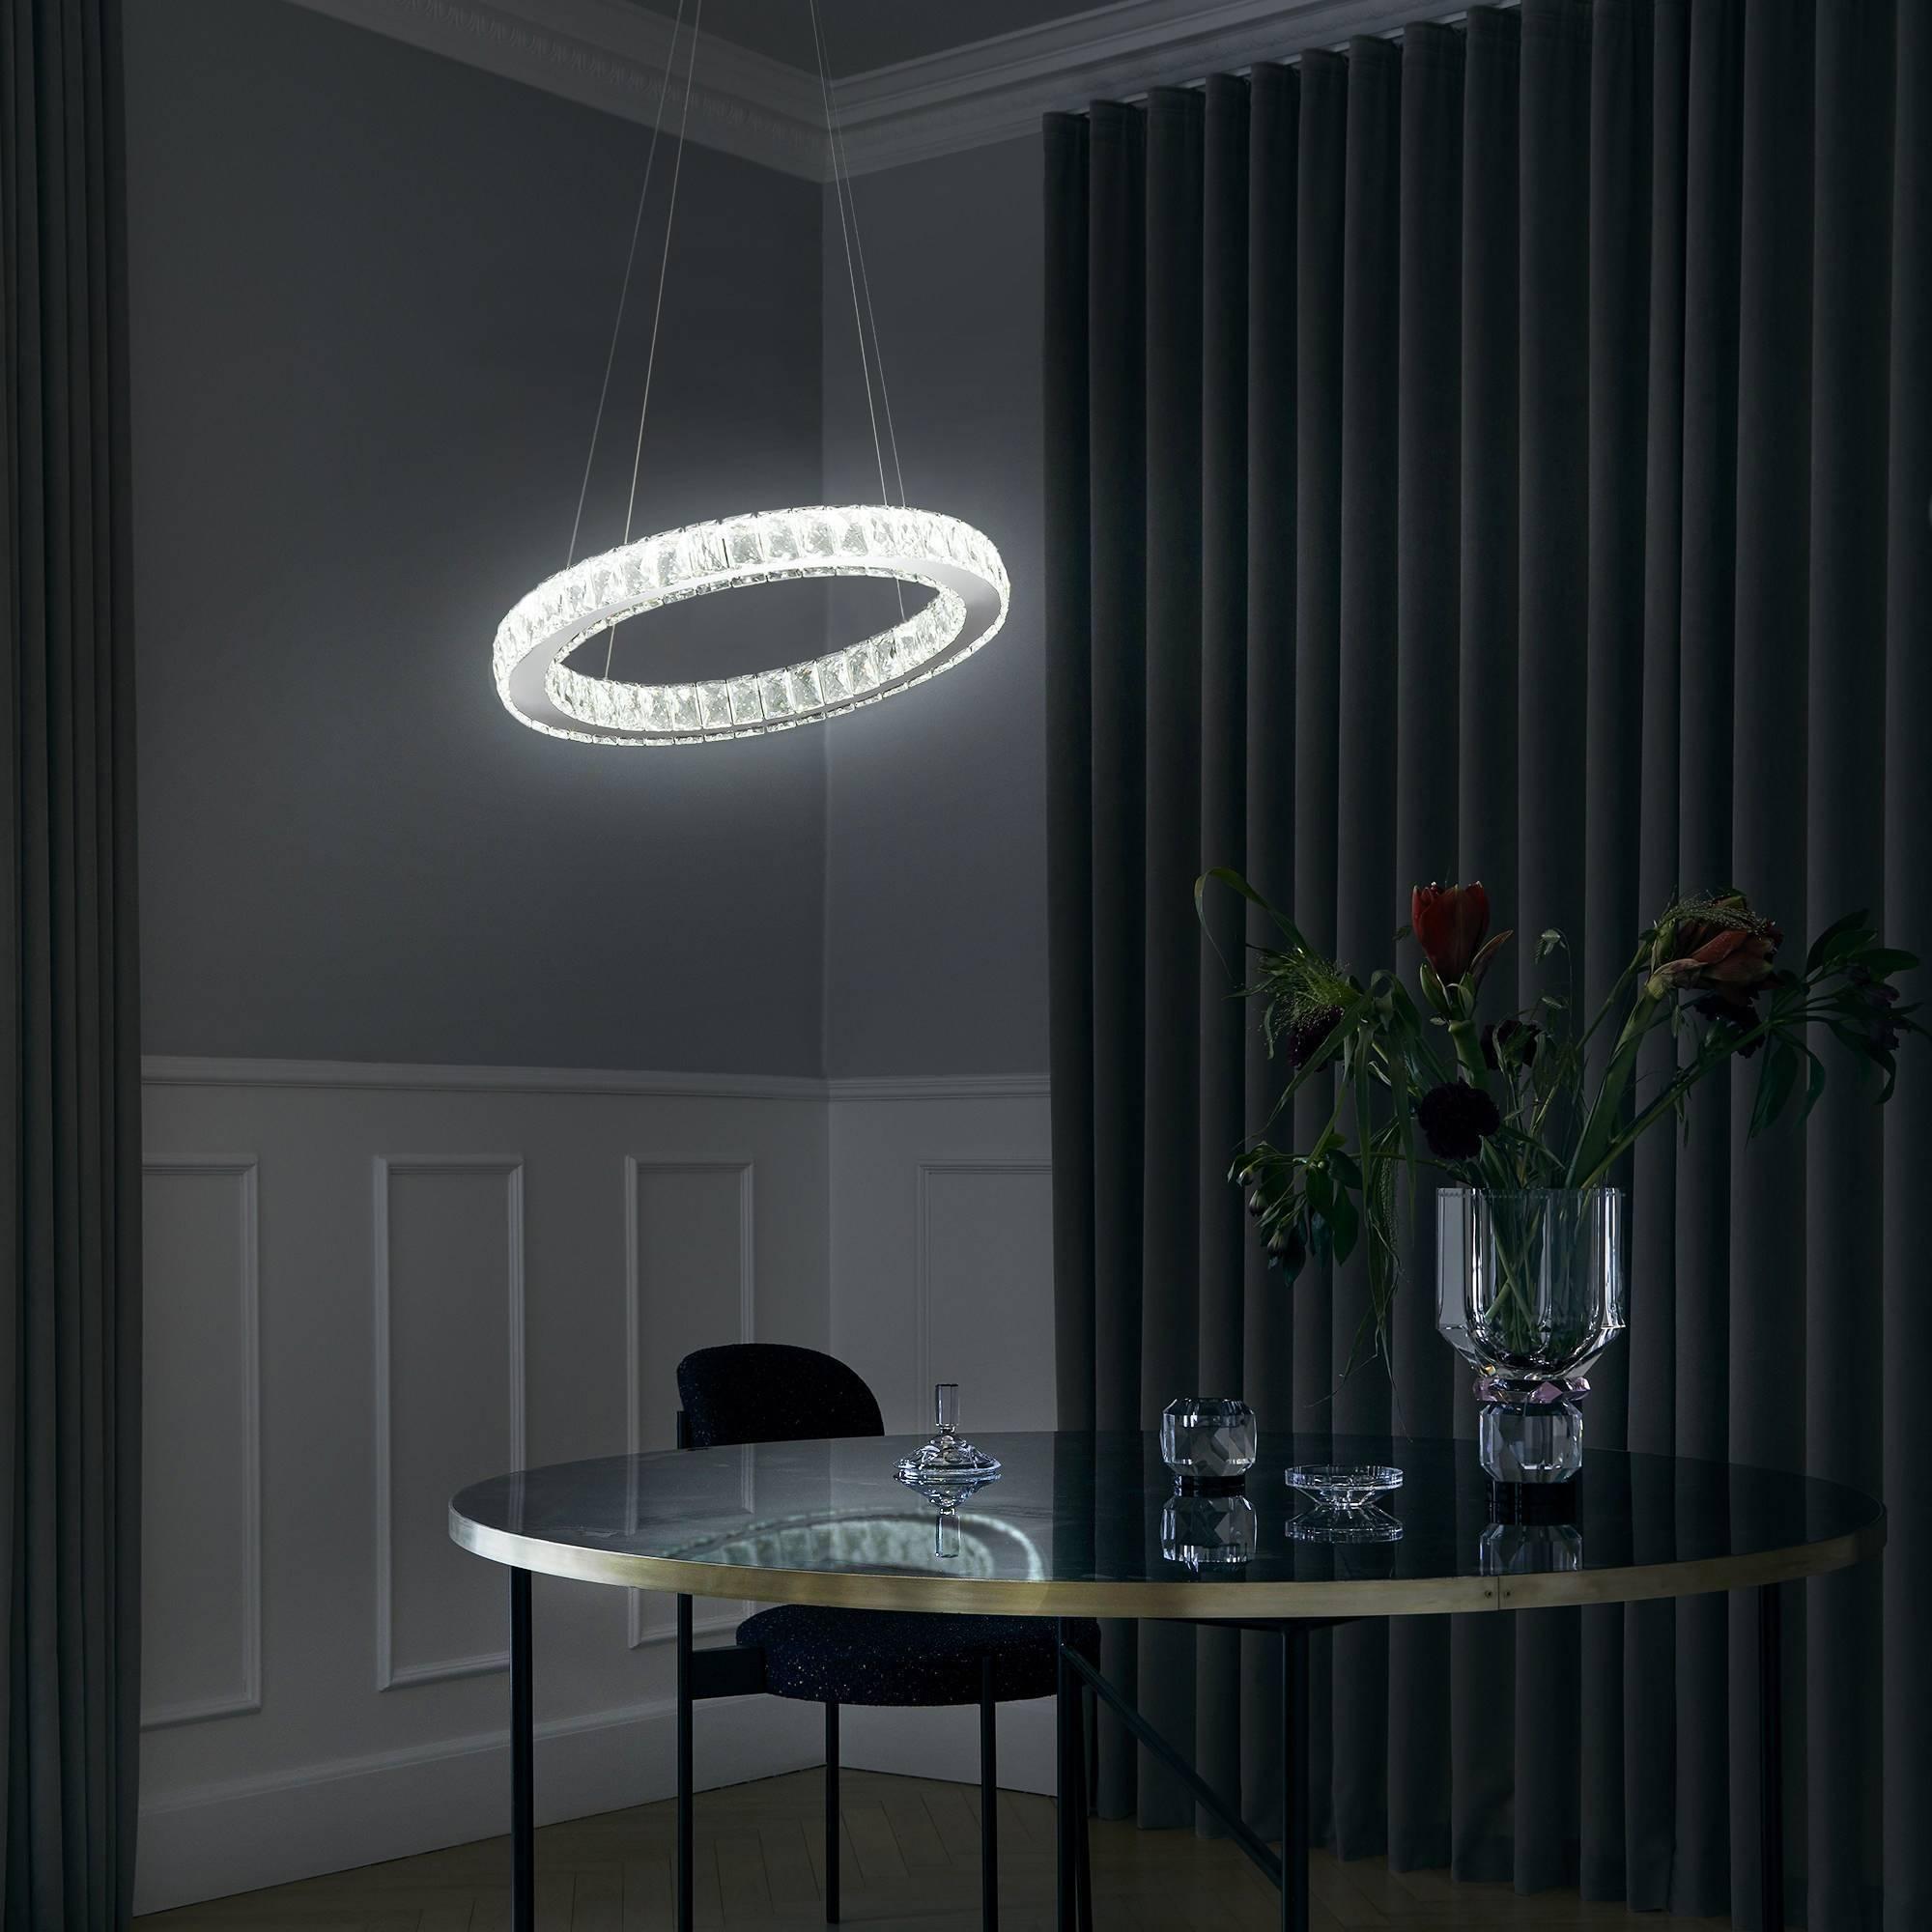 Светодиодные люстры (102 фото): потолочные авторские варианты для дома, диодные led-модели на потолок